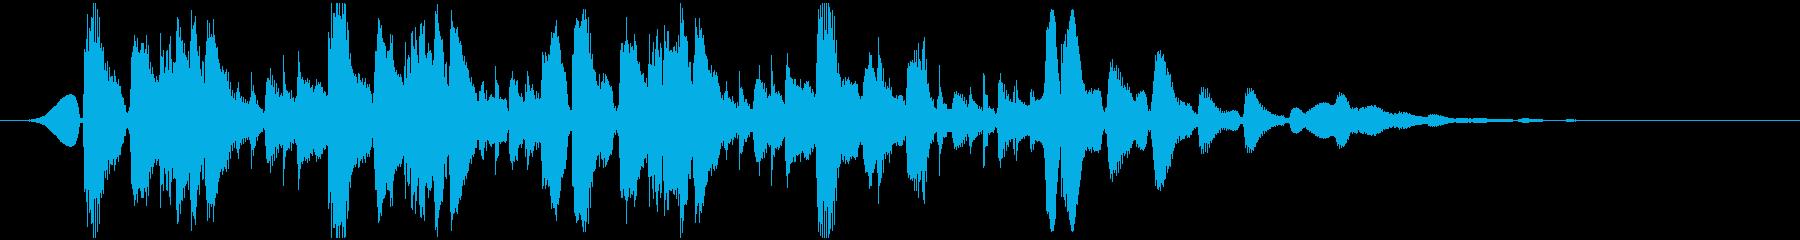 ほのぼの系アコースティックジングルの再生済みの波形